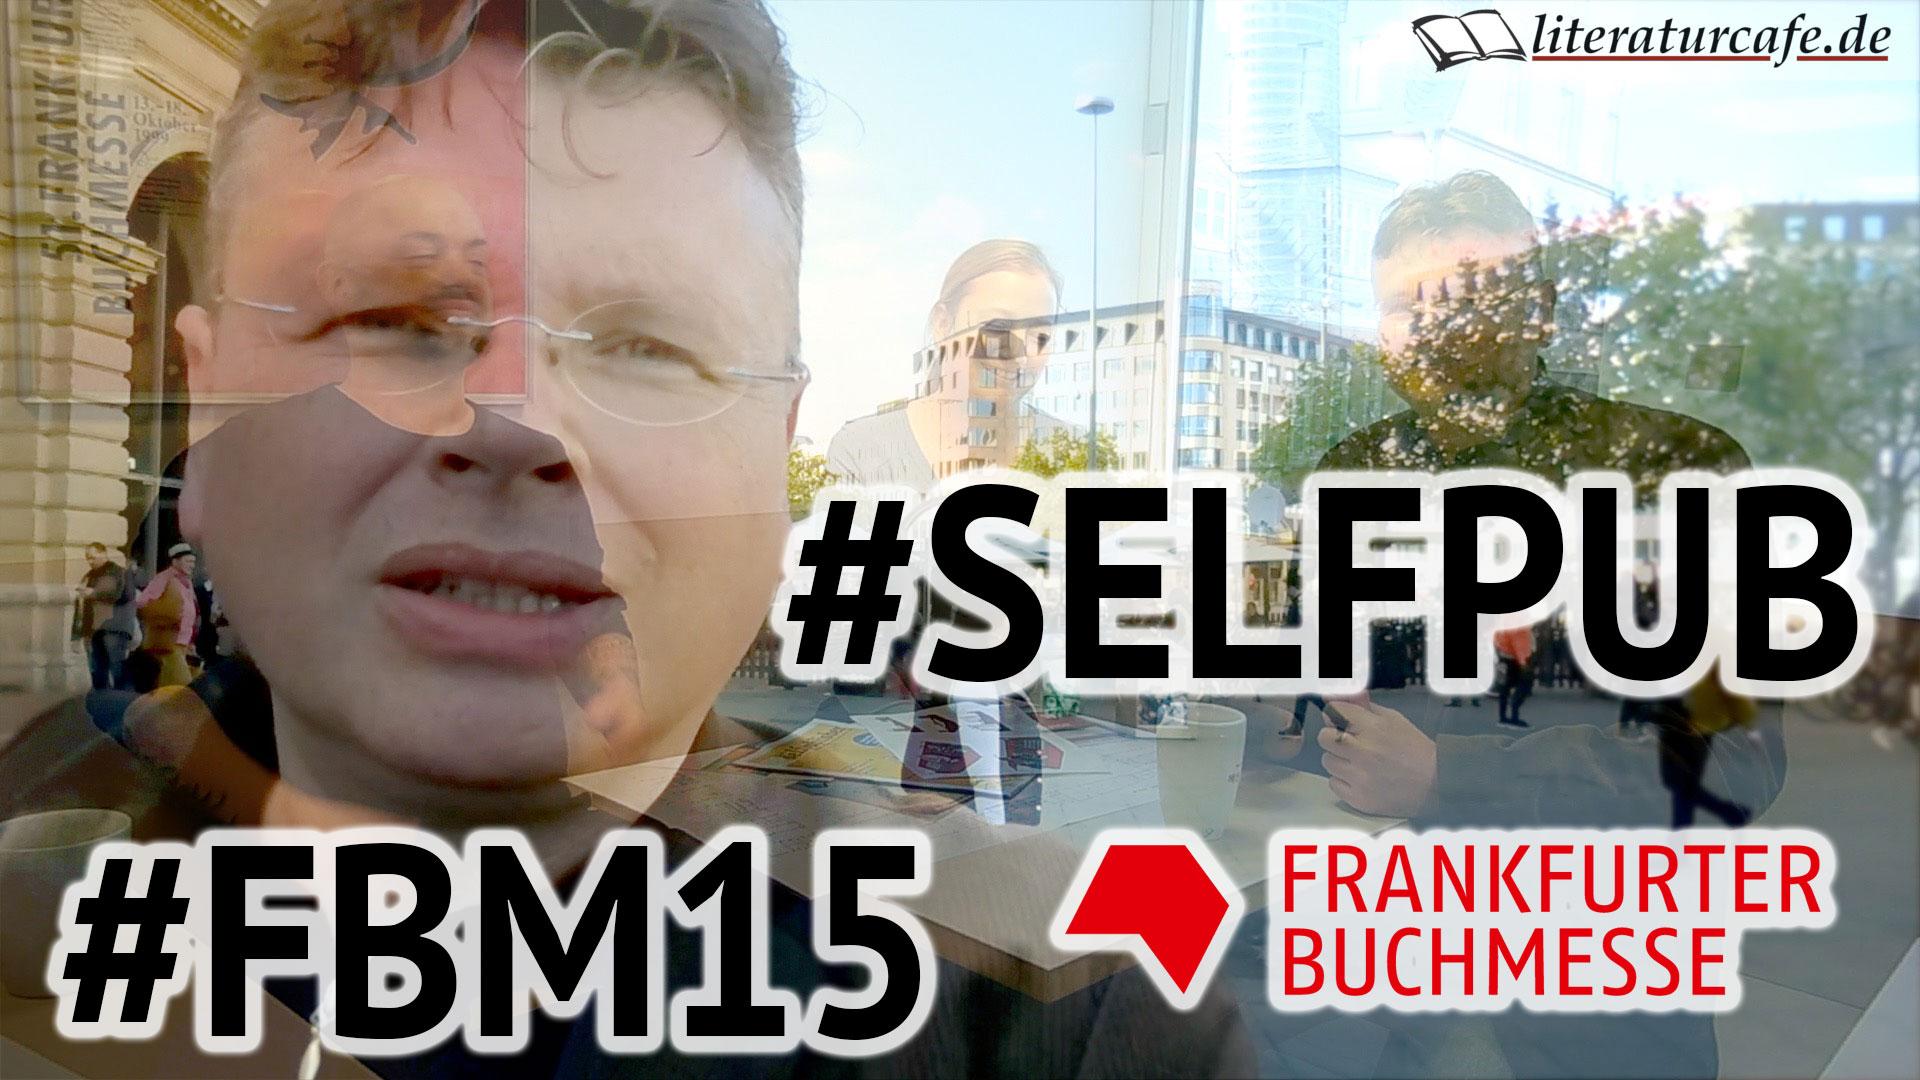 Self-Publishing auf der Frankfurter Buchmesse 2015 #FBM15 #SELFPUB